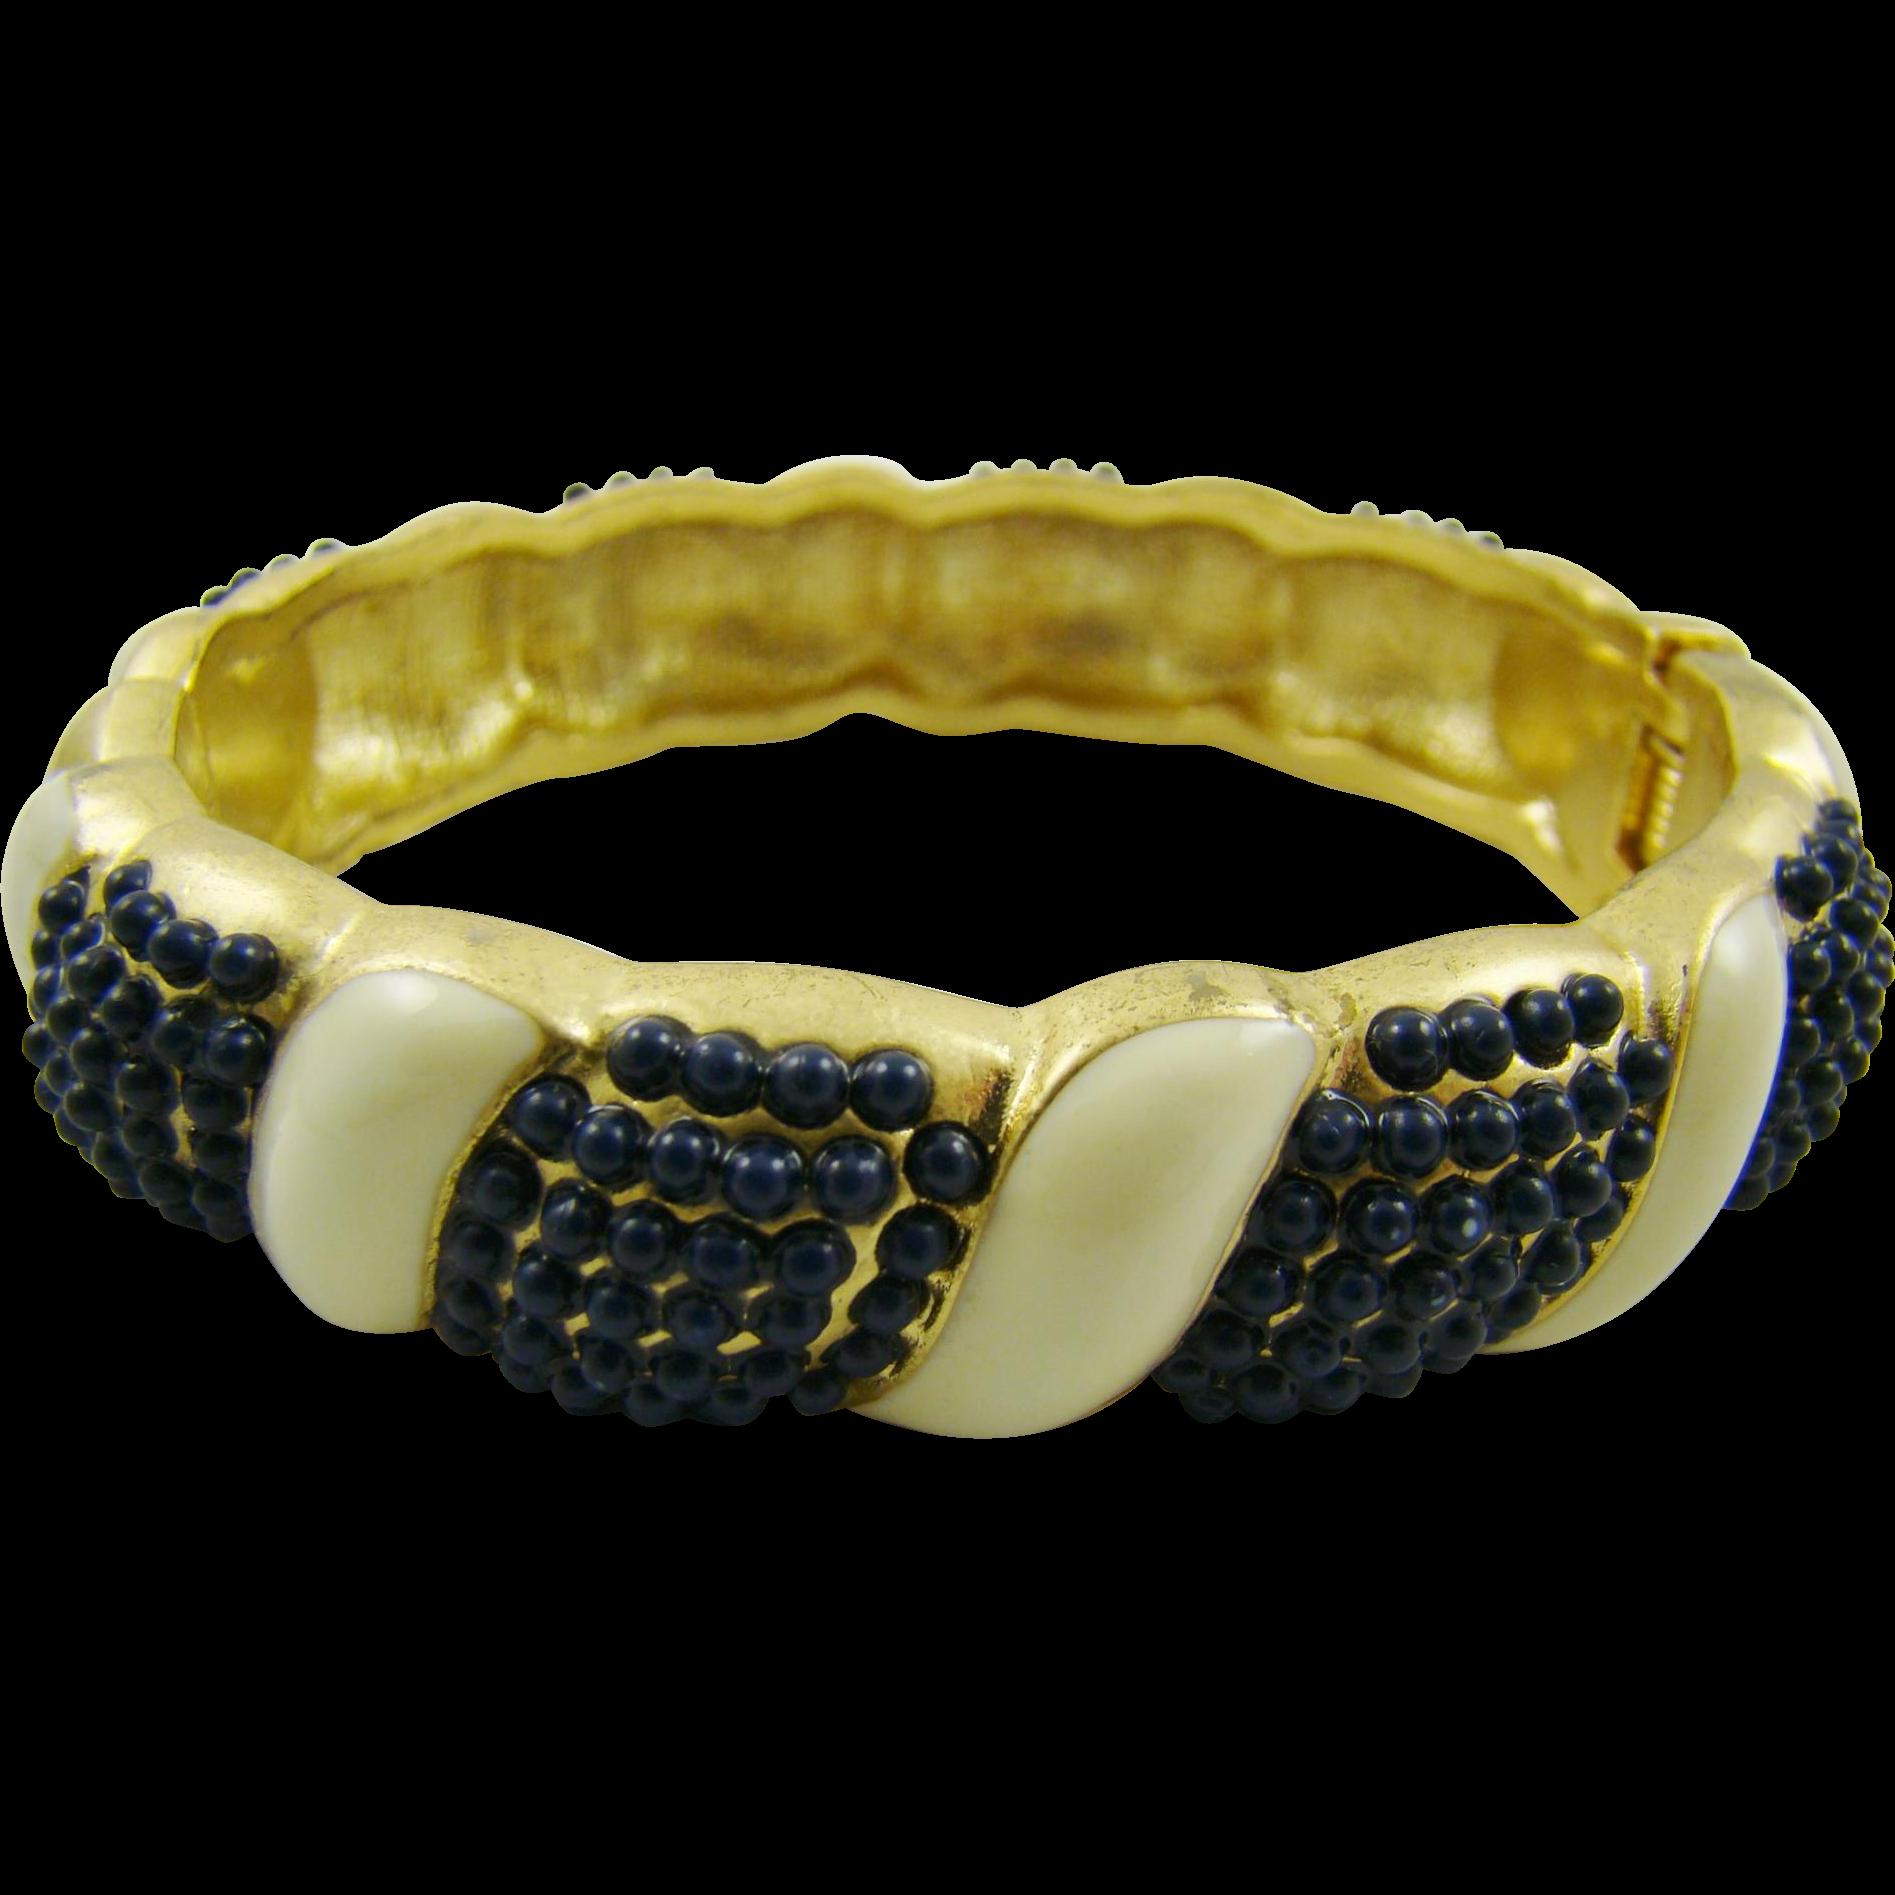 Vintage Banana Republic Magnetic Clamper Bracelet